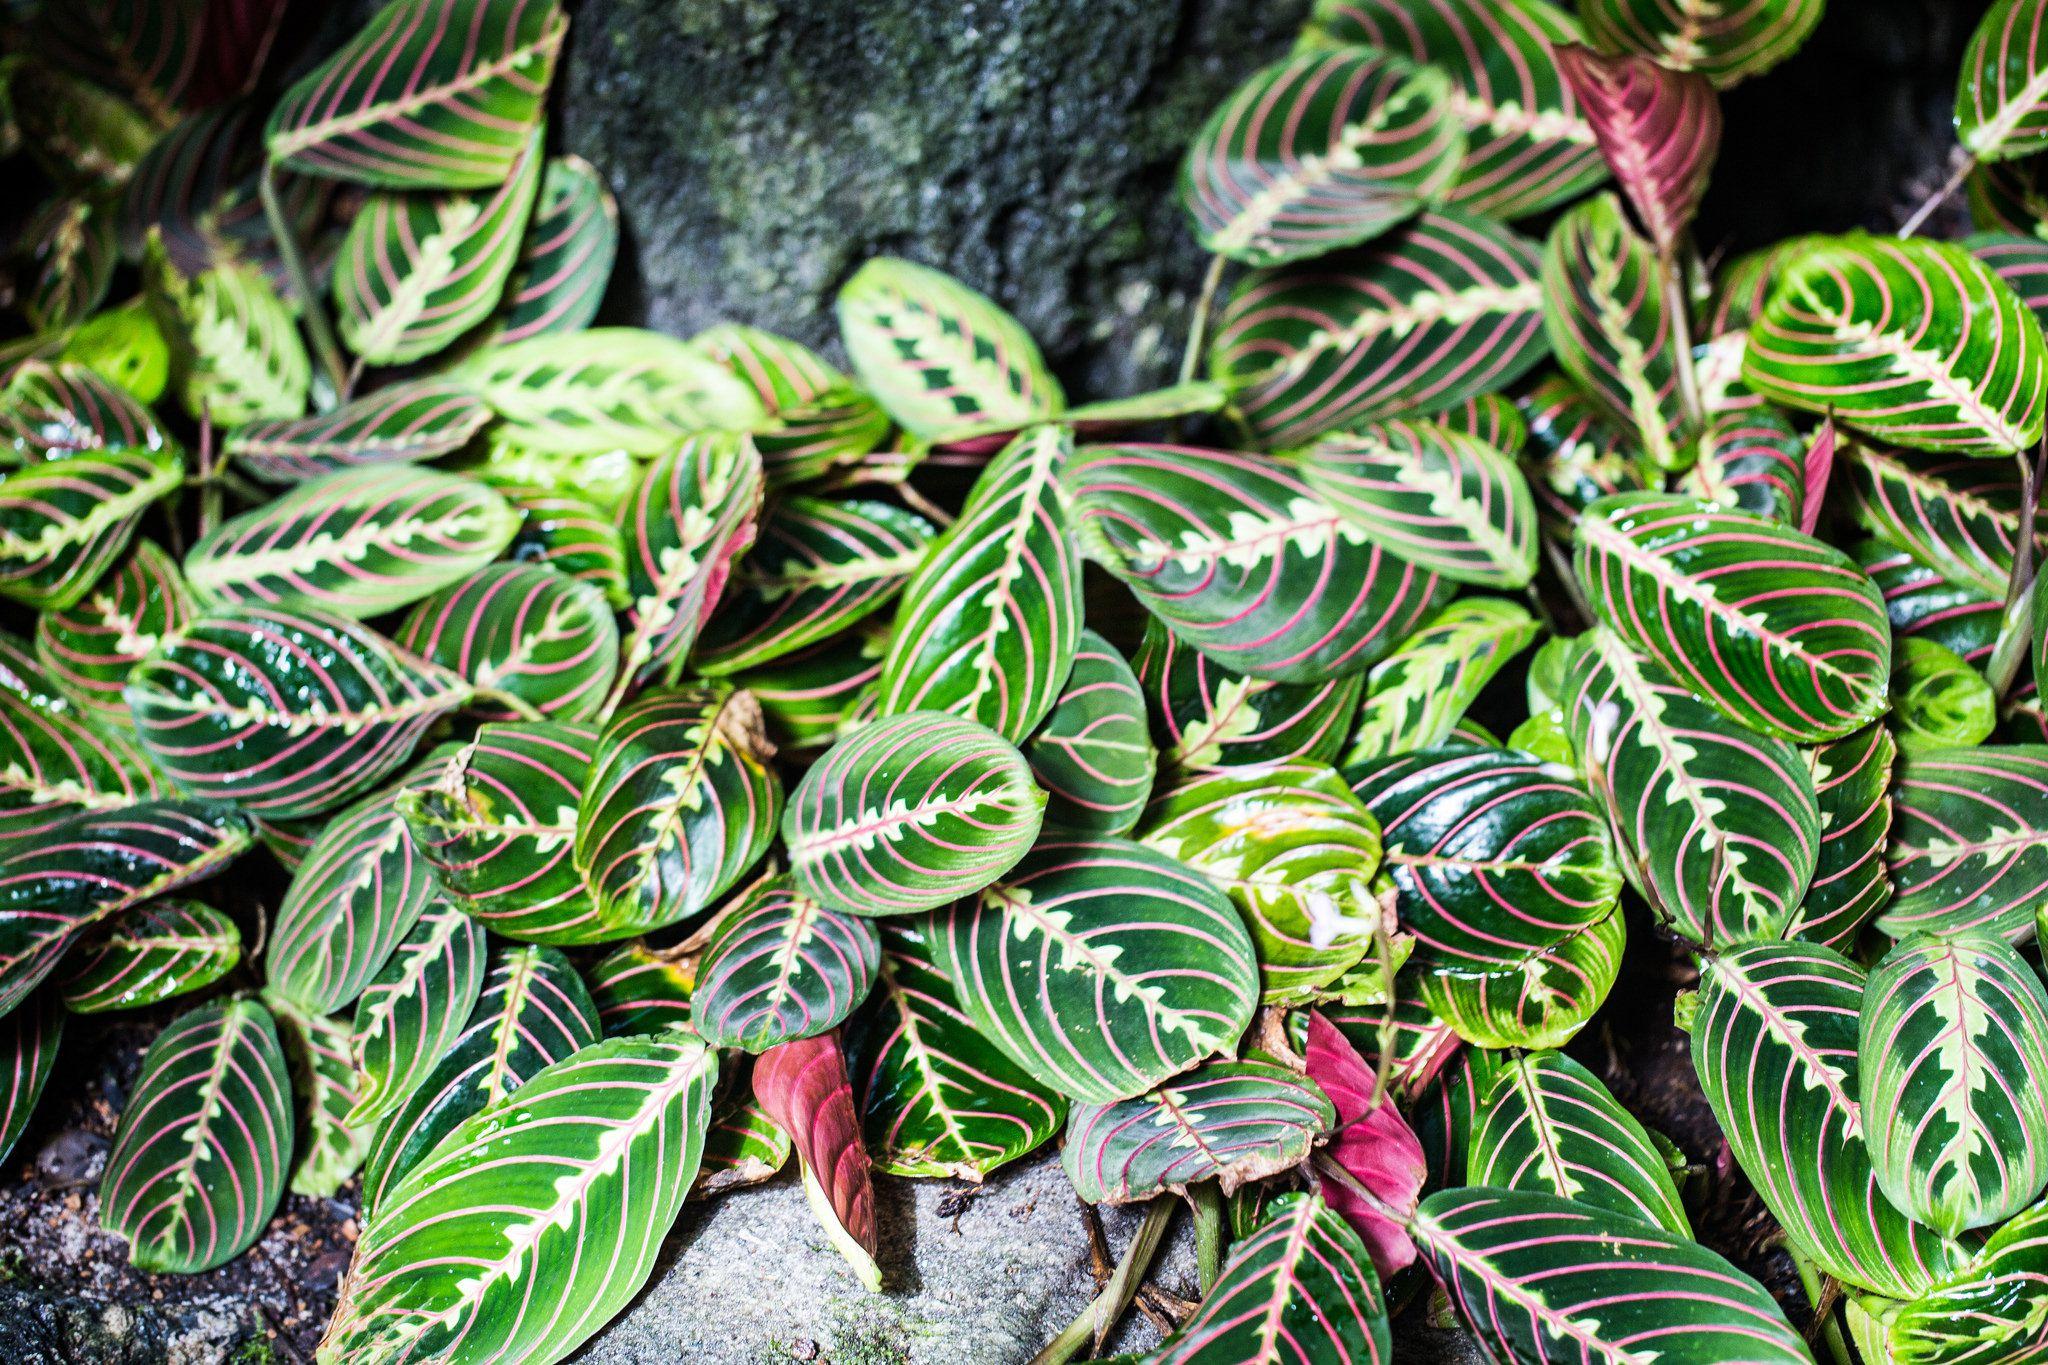 10 Easy To Grow Terrarium Plants